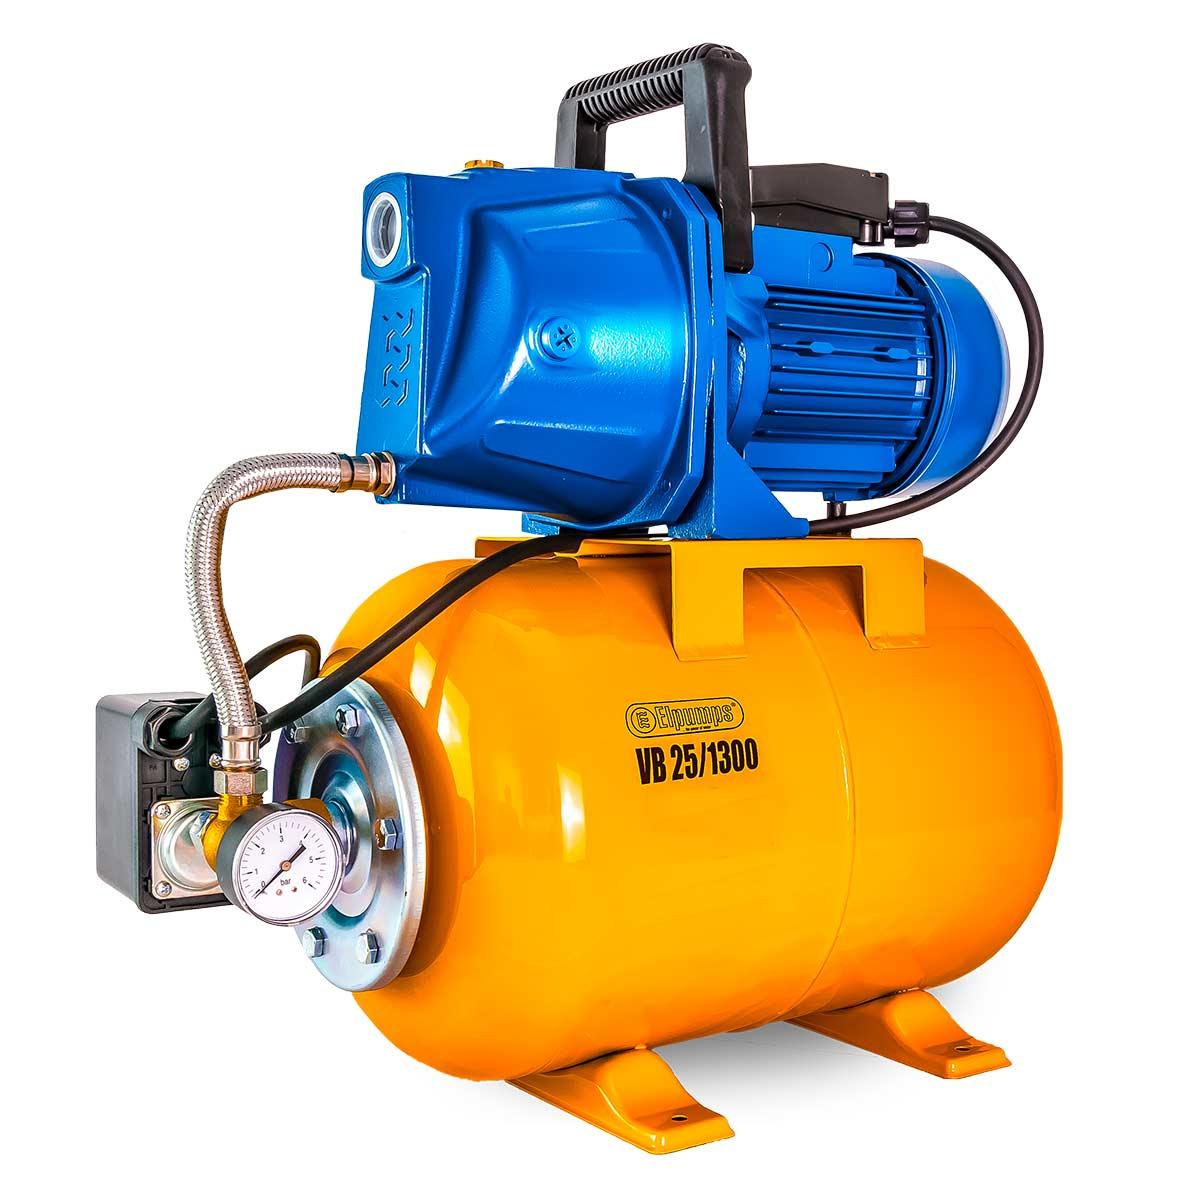 Hauswasserwerk VB 25/800